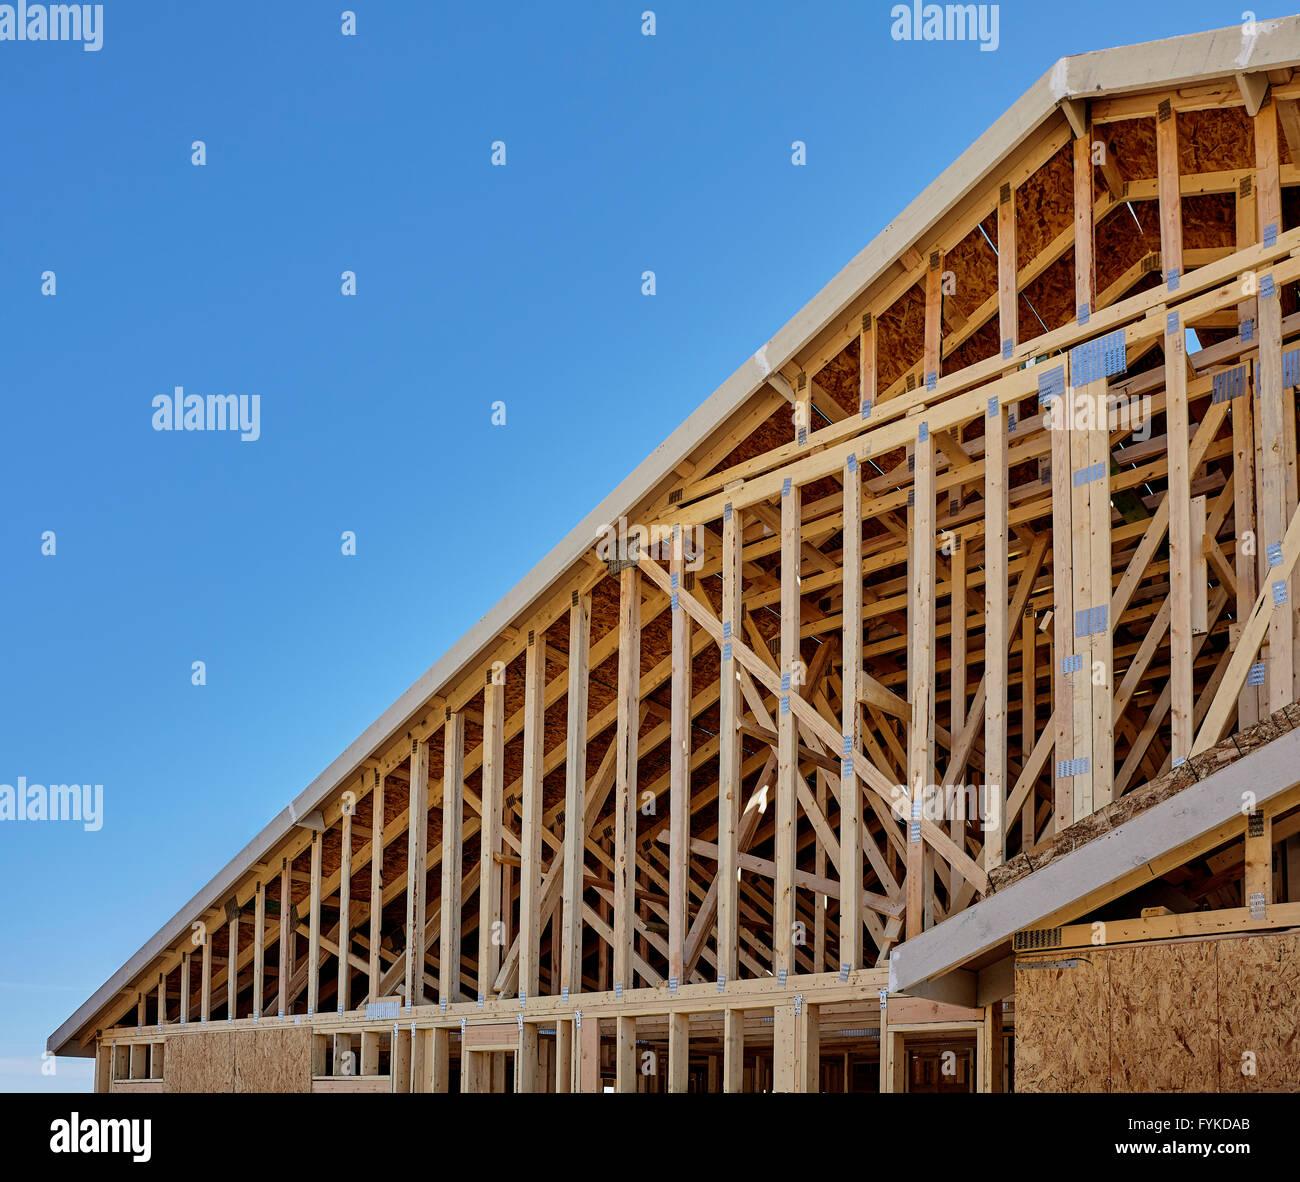 Neues Gehäuse Giebelseite Dach Framing Bauindustrie Stockfoto, Bild ...